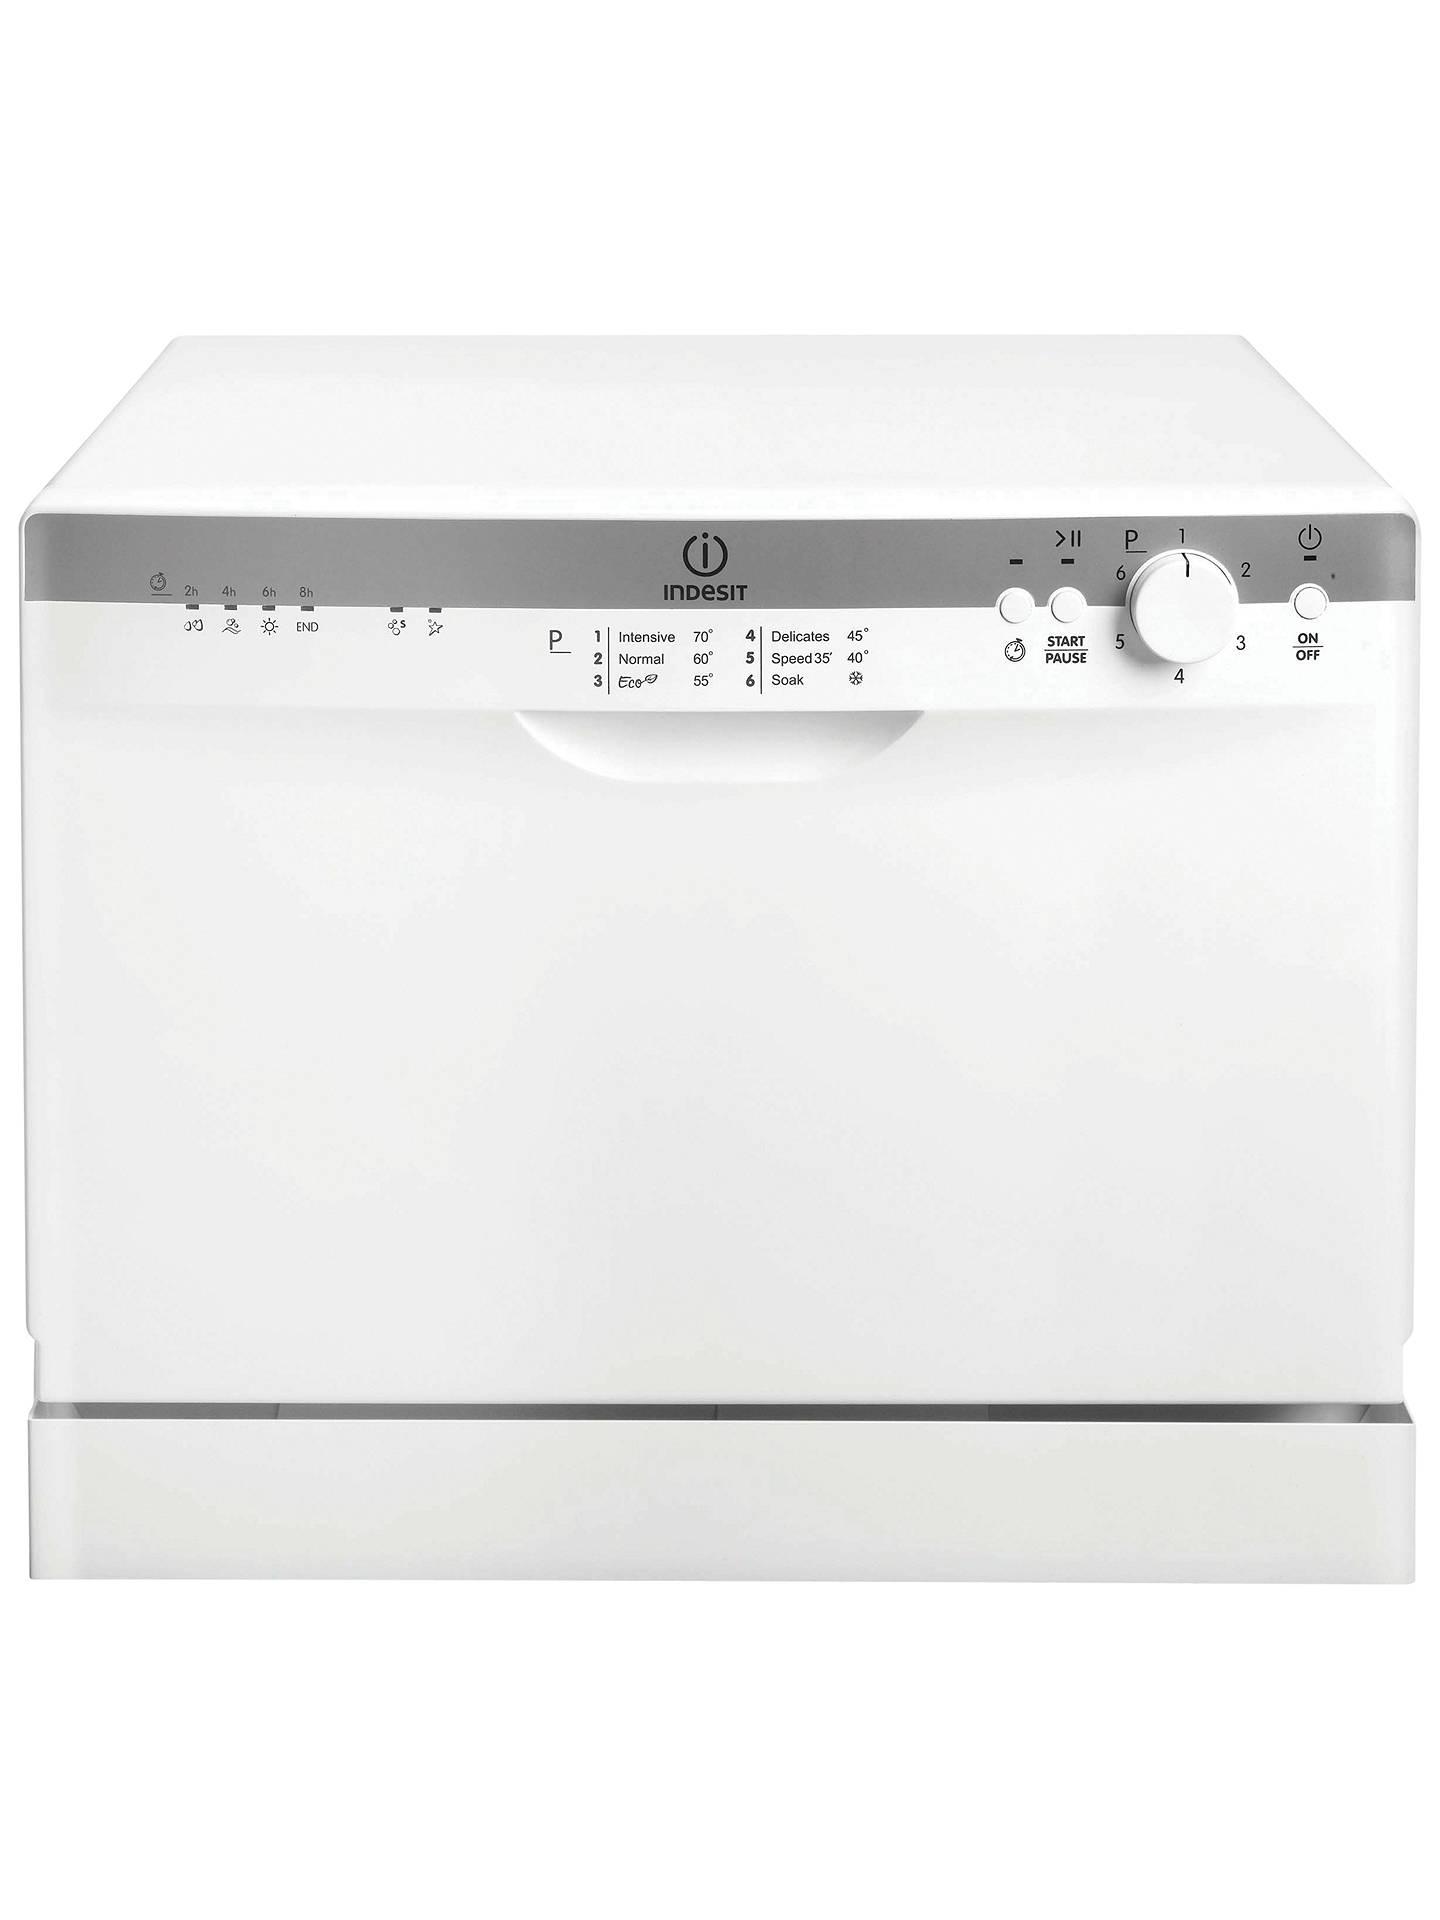 Indesit Icd661 Compact Dishwasher White At John Lewis Partners